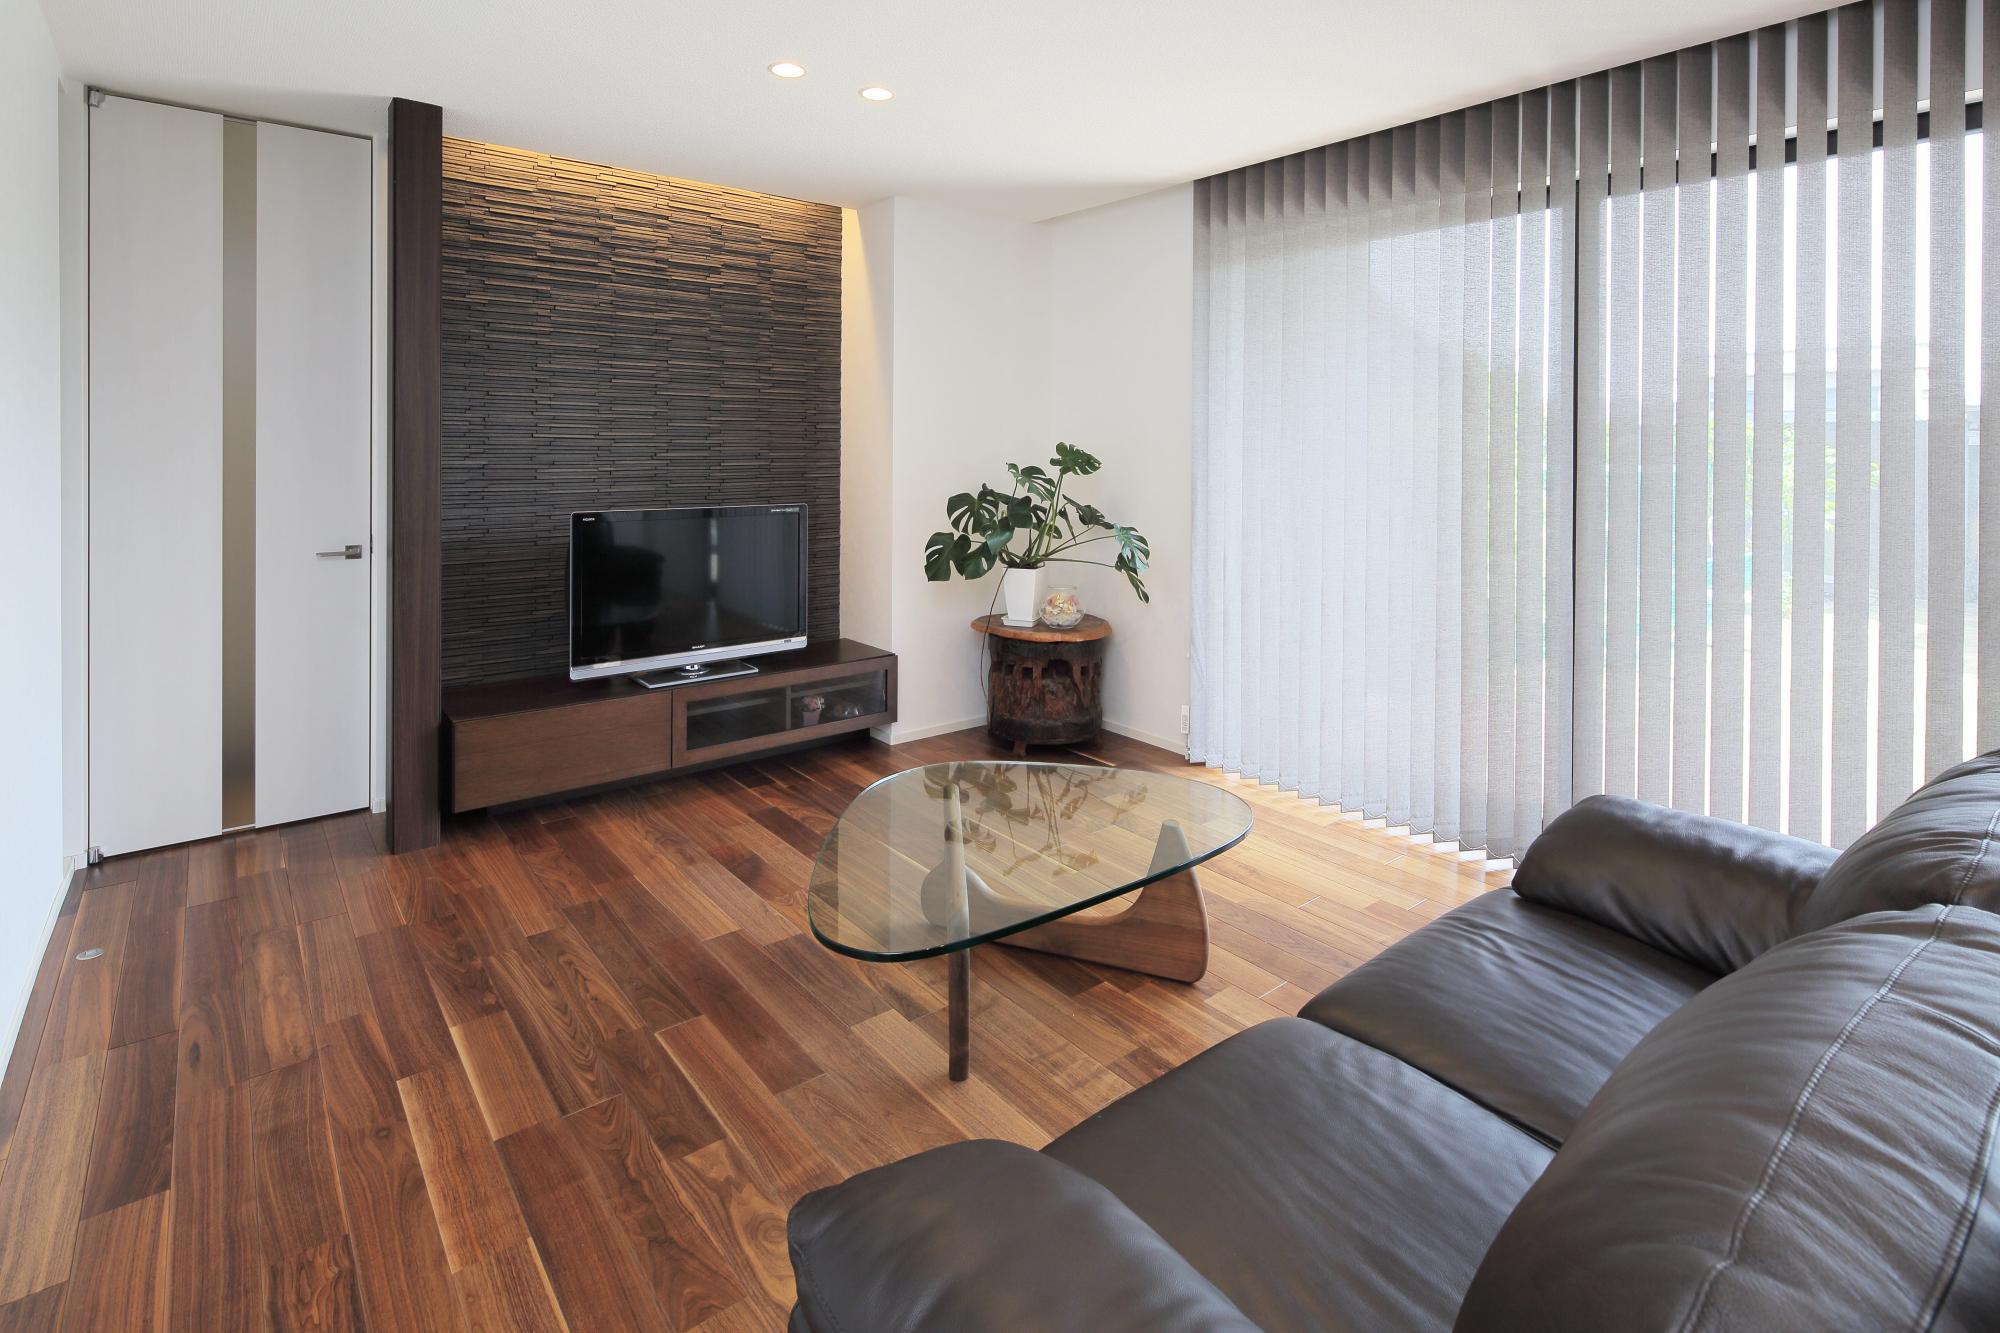 リビングのTV背面の壁には部屋の空気をきれいに保つエコカラットを。室内扉は天井までの高さがあるハイドアを採用した。